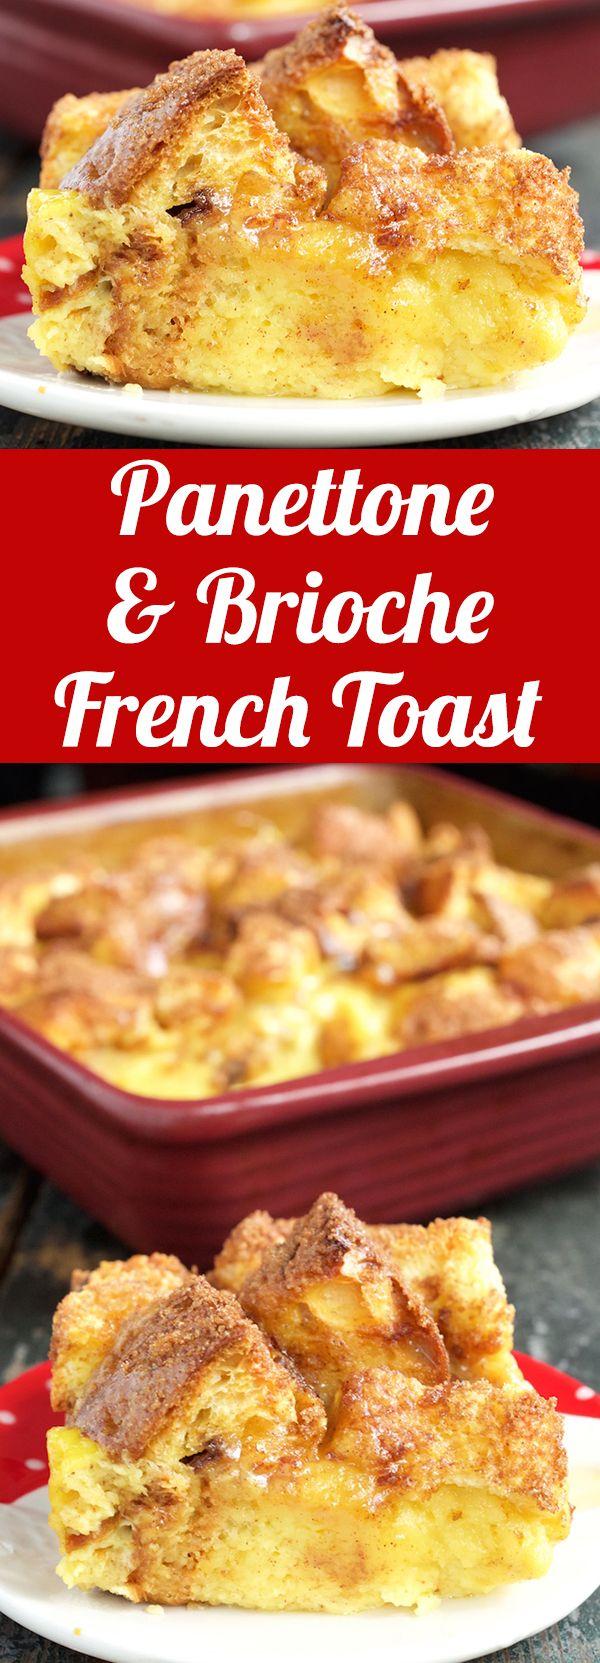 Panettone & Brioche French Toast Recipe - Christmas Breakfast Recipes #Christmas #ChristmasRecipes